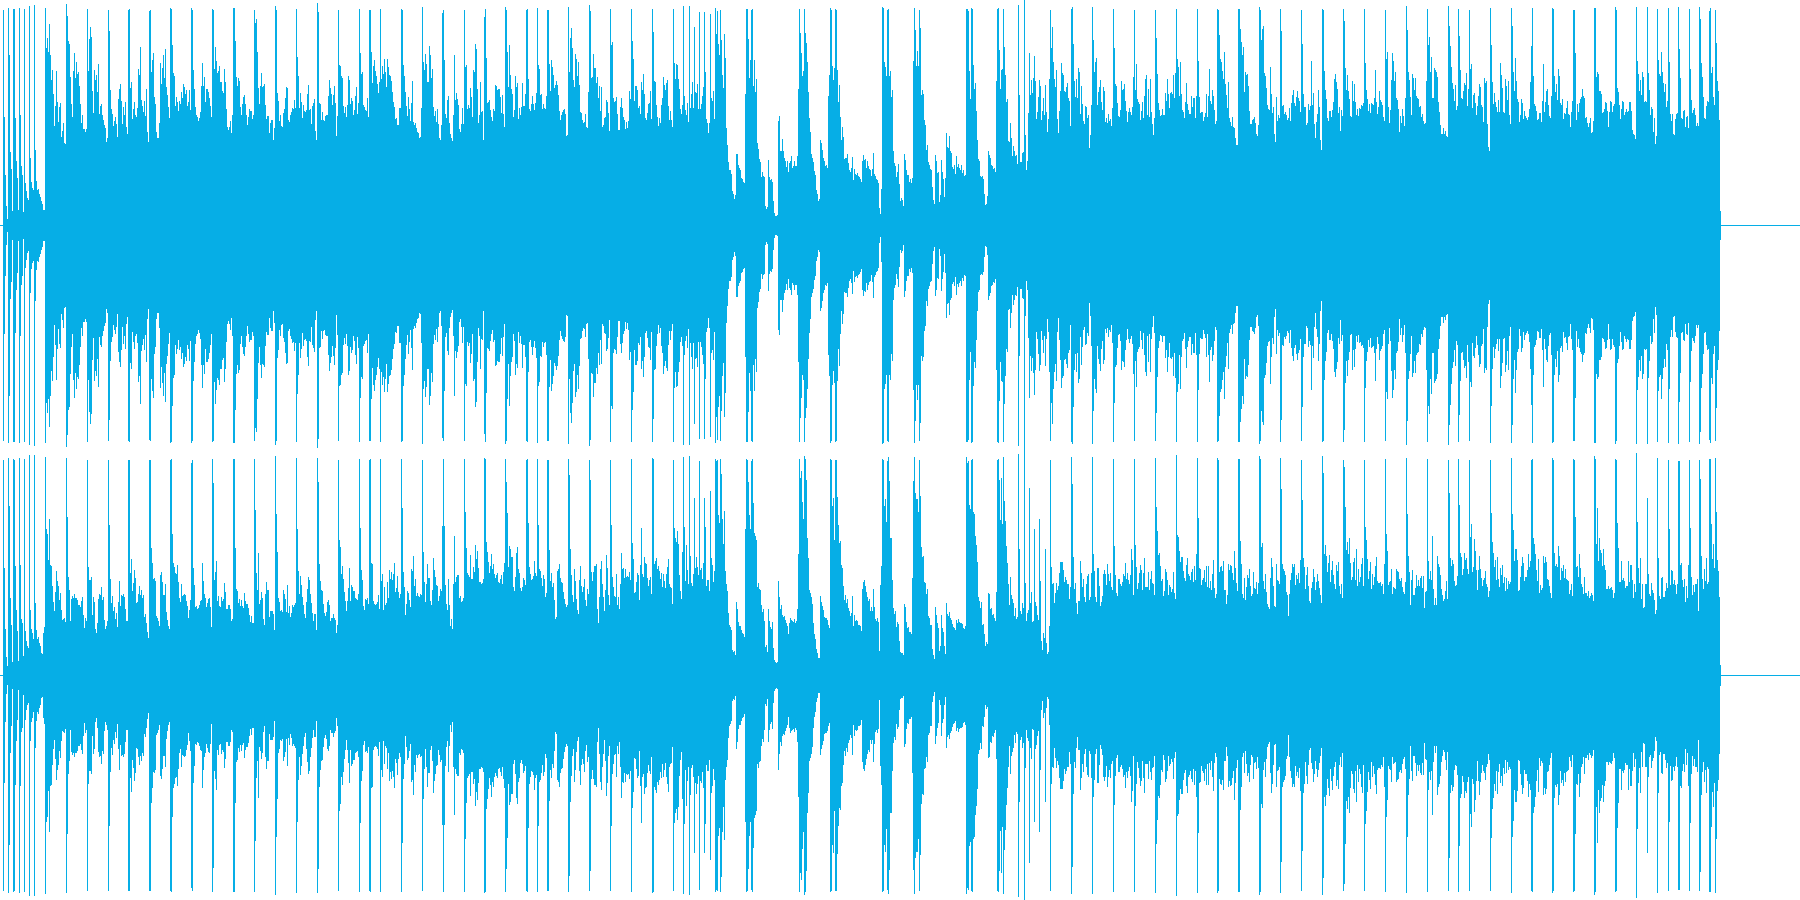 戦国ゲームに最適なハードロック ループ曲の再生済みの波形